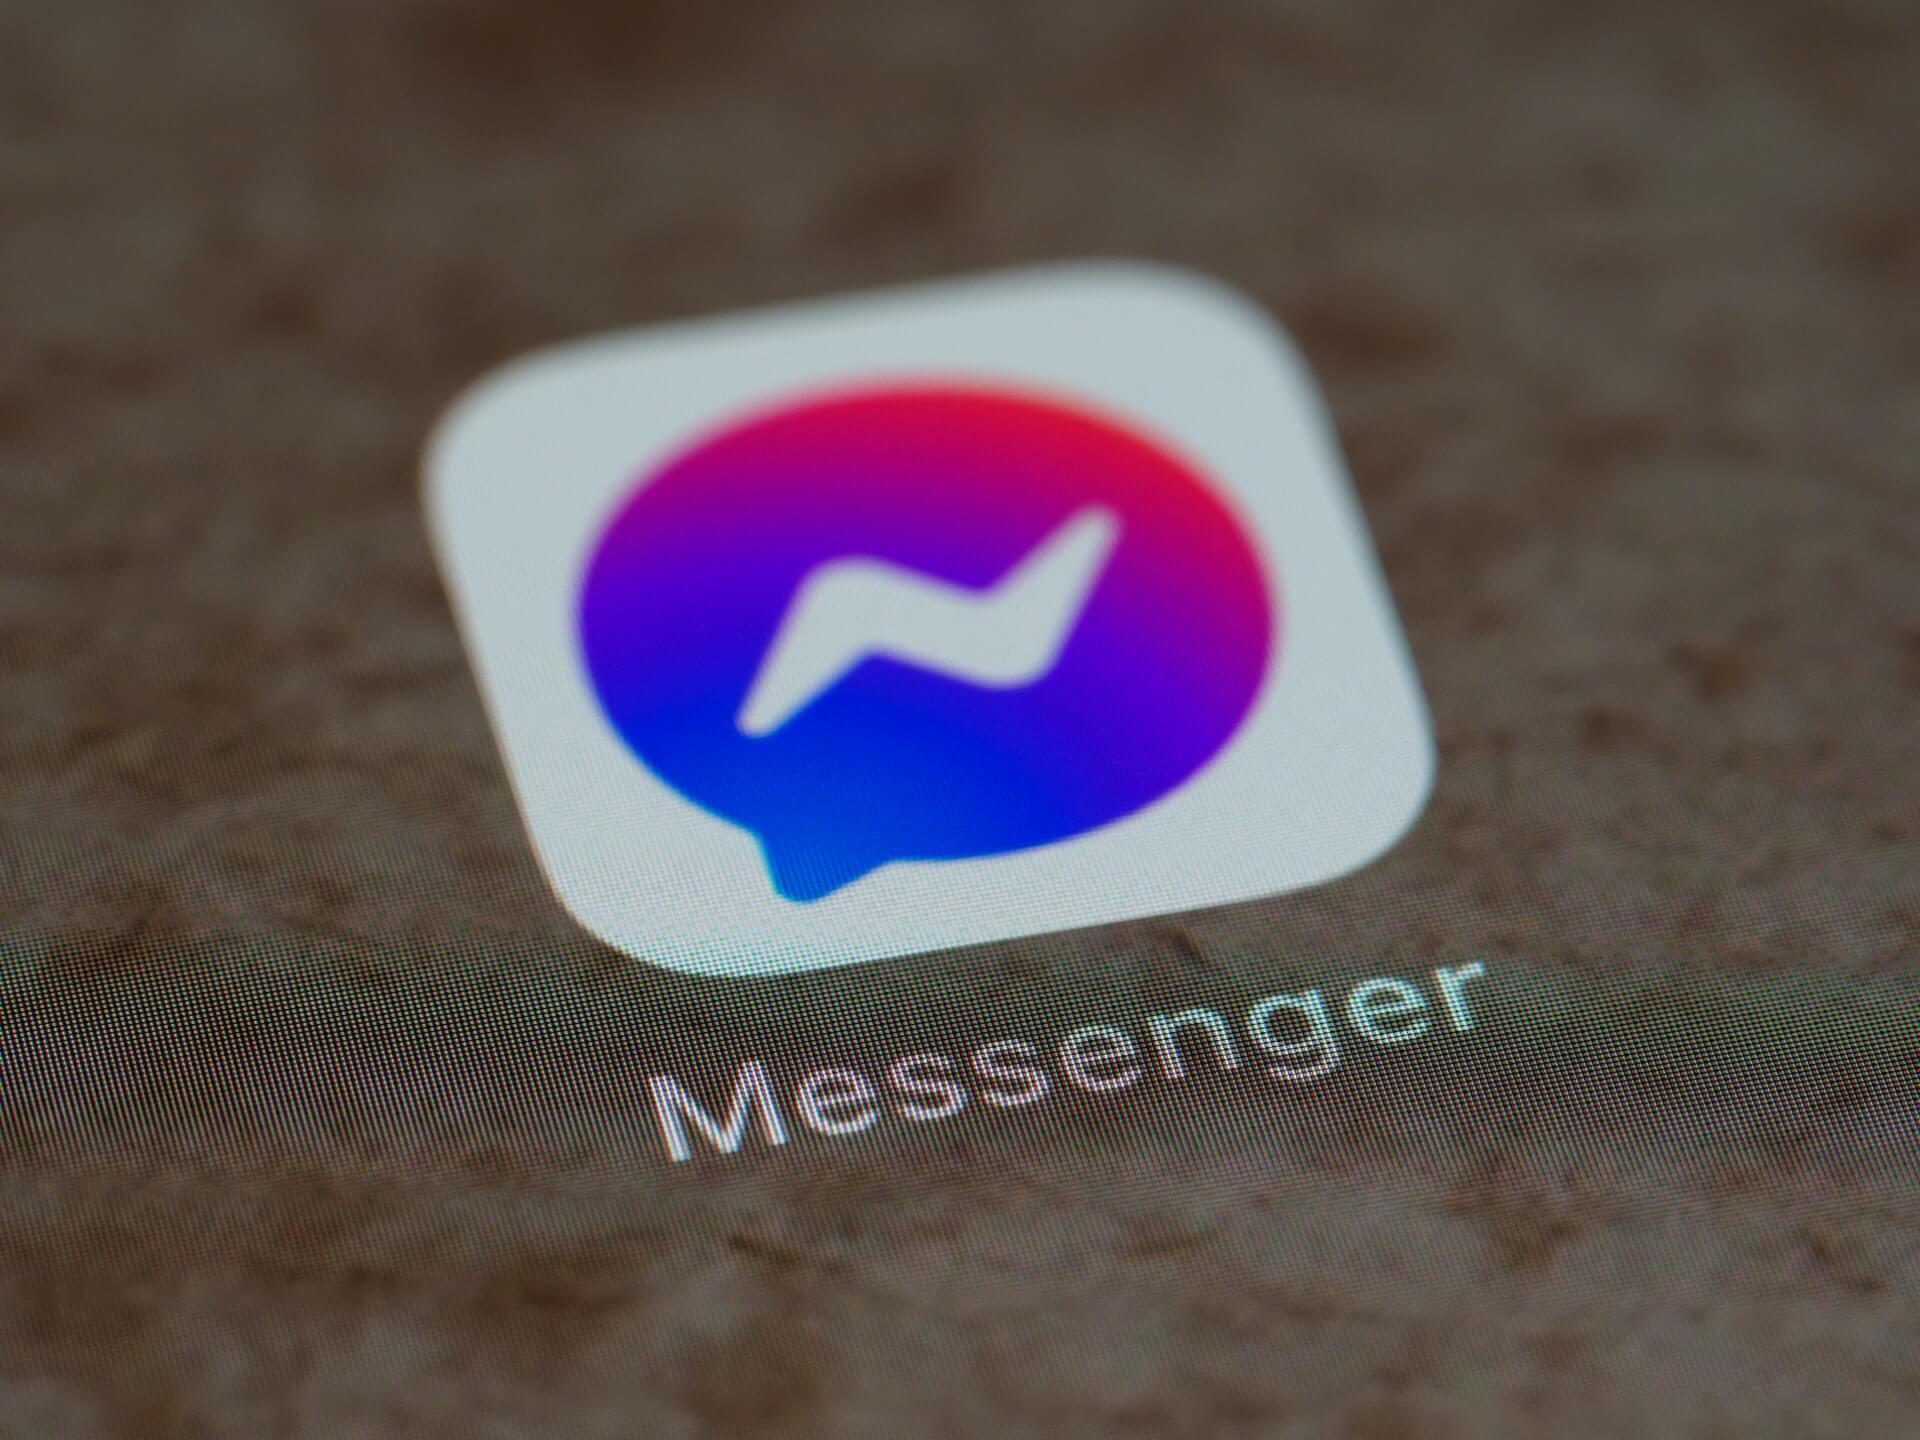 facebook messenger restock alert template